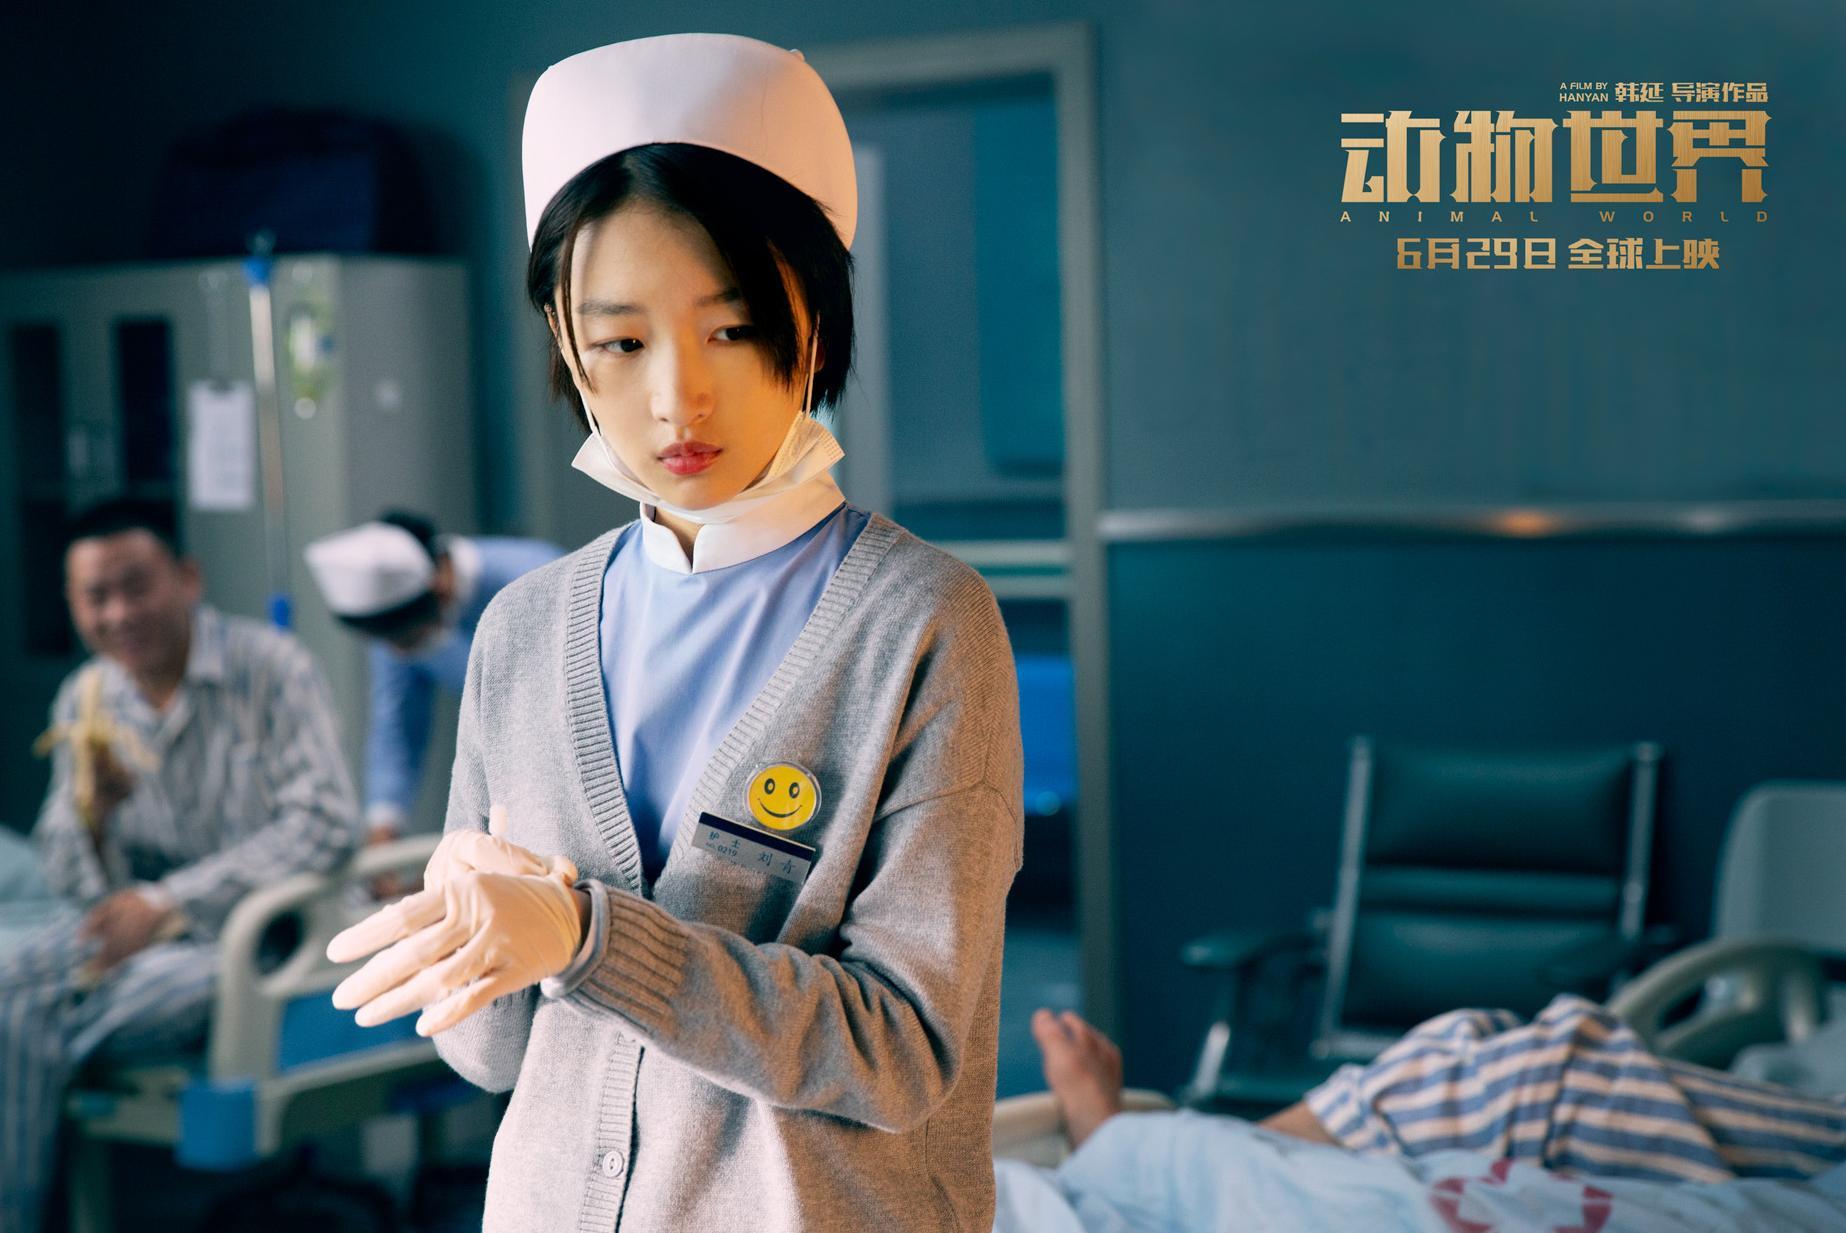 《动物世界》在京首映 周冬雨突破古灵精怪少女人设